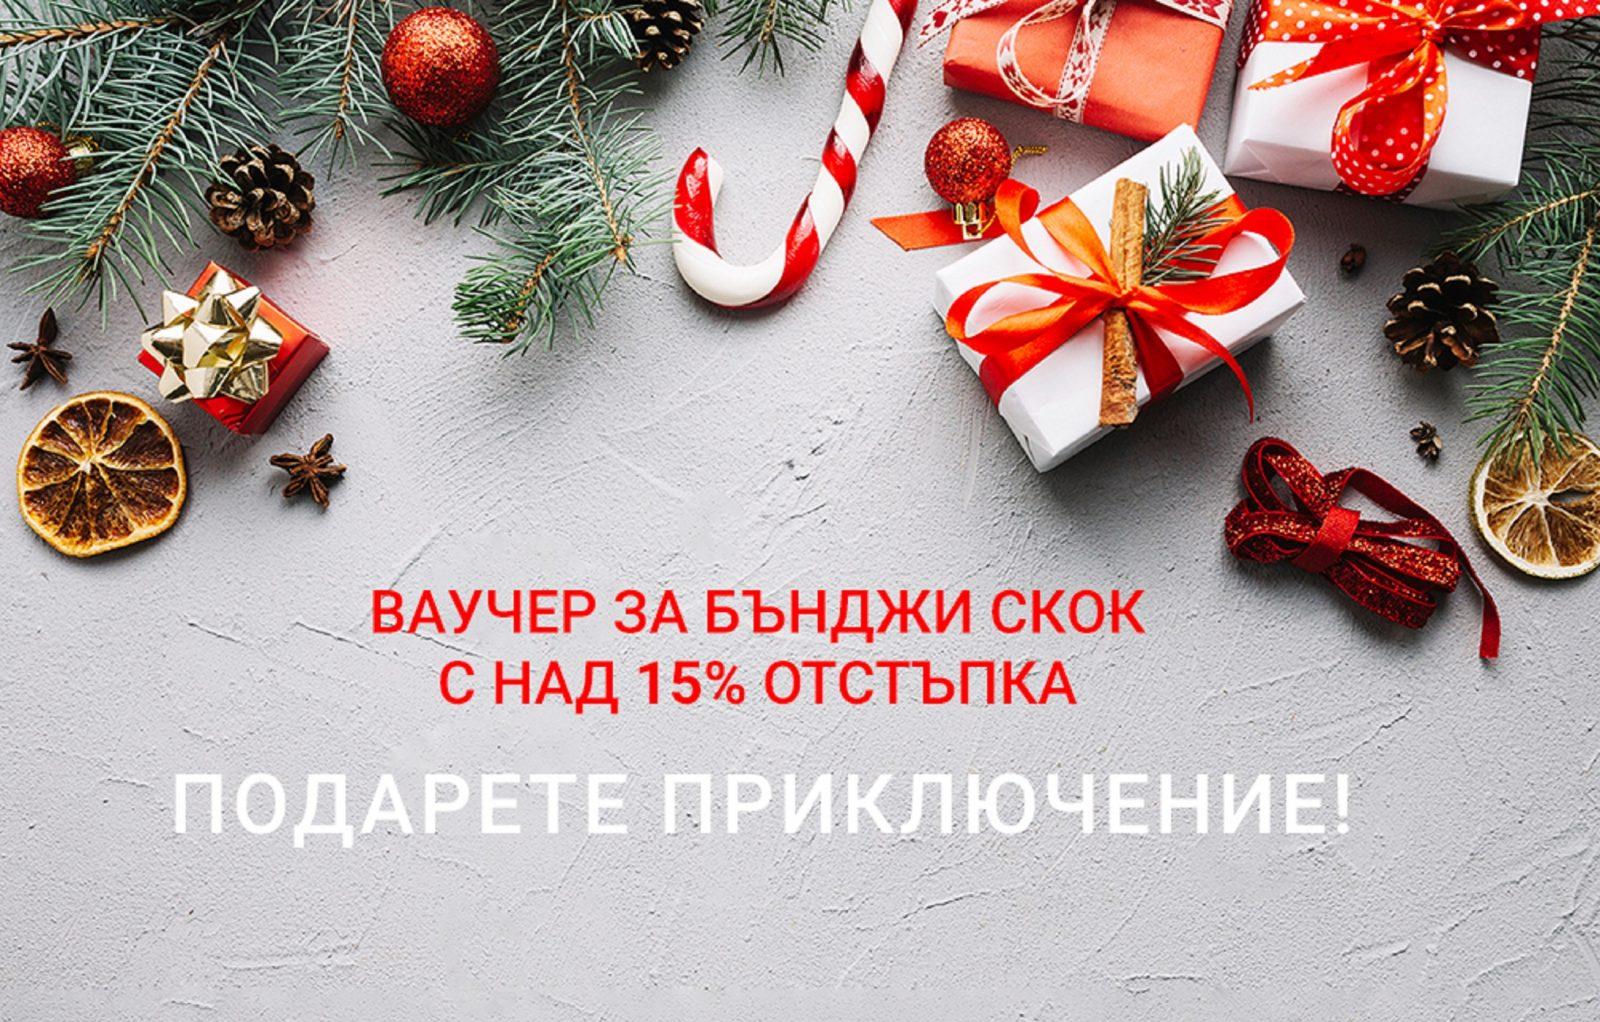 Весела Коледа и вълнуваща 2019!